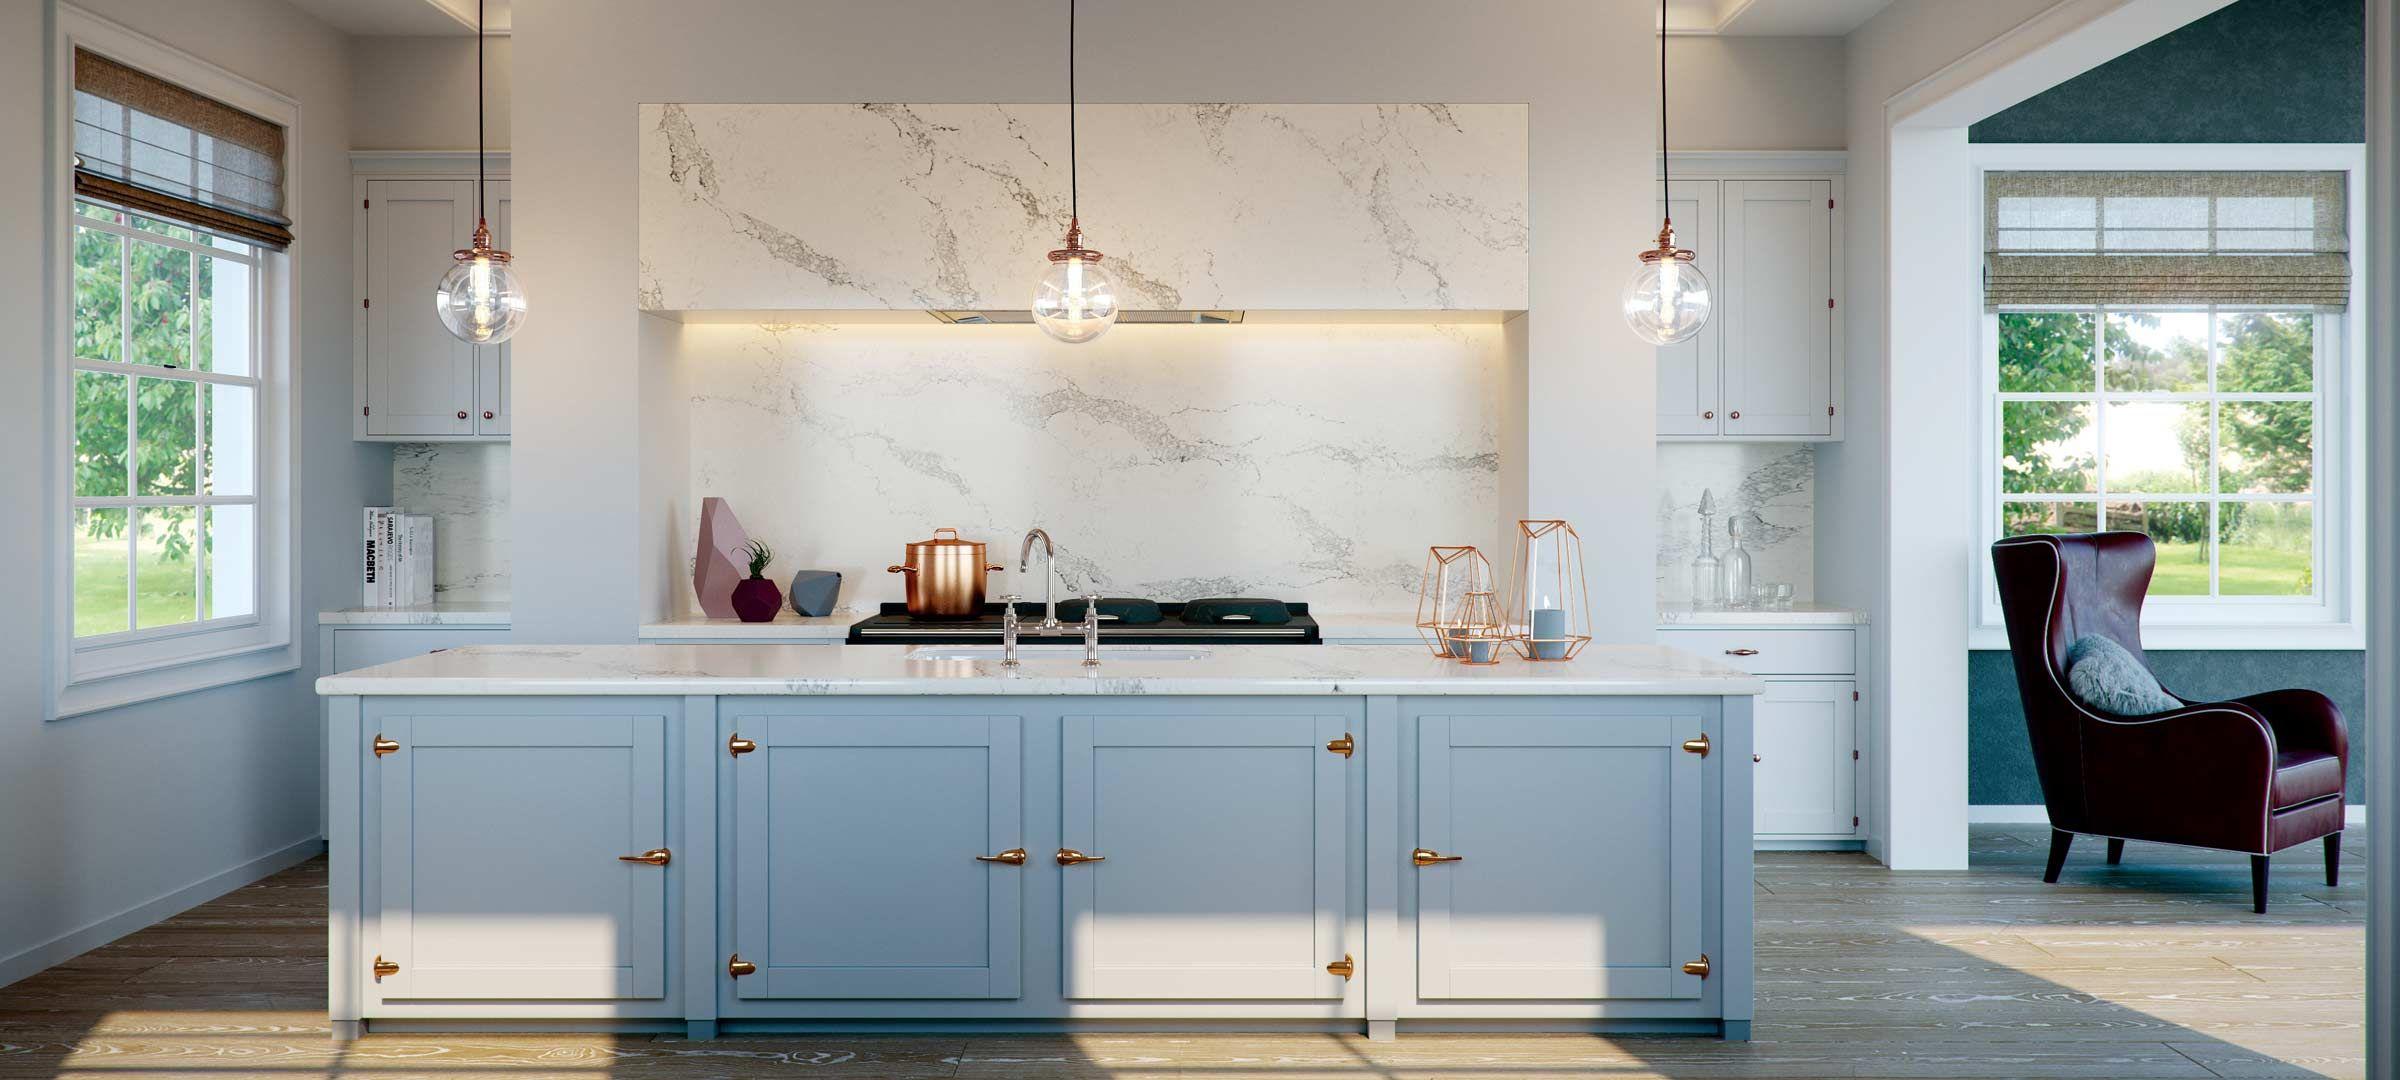 5031 Statuario Maximus - Caesarstone Canada | Design Inspiration ...